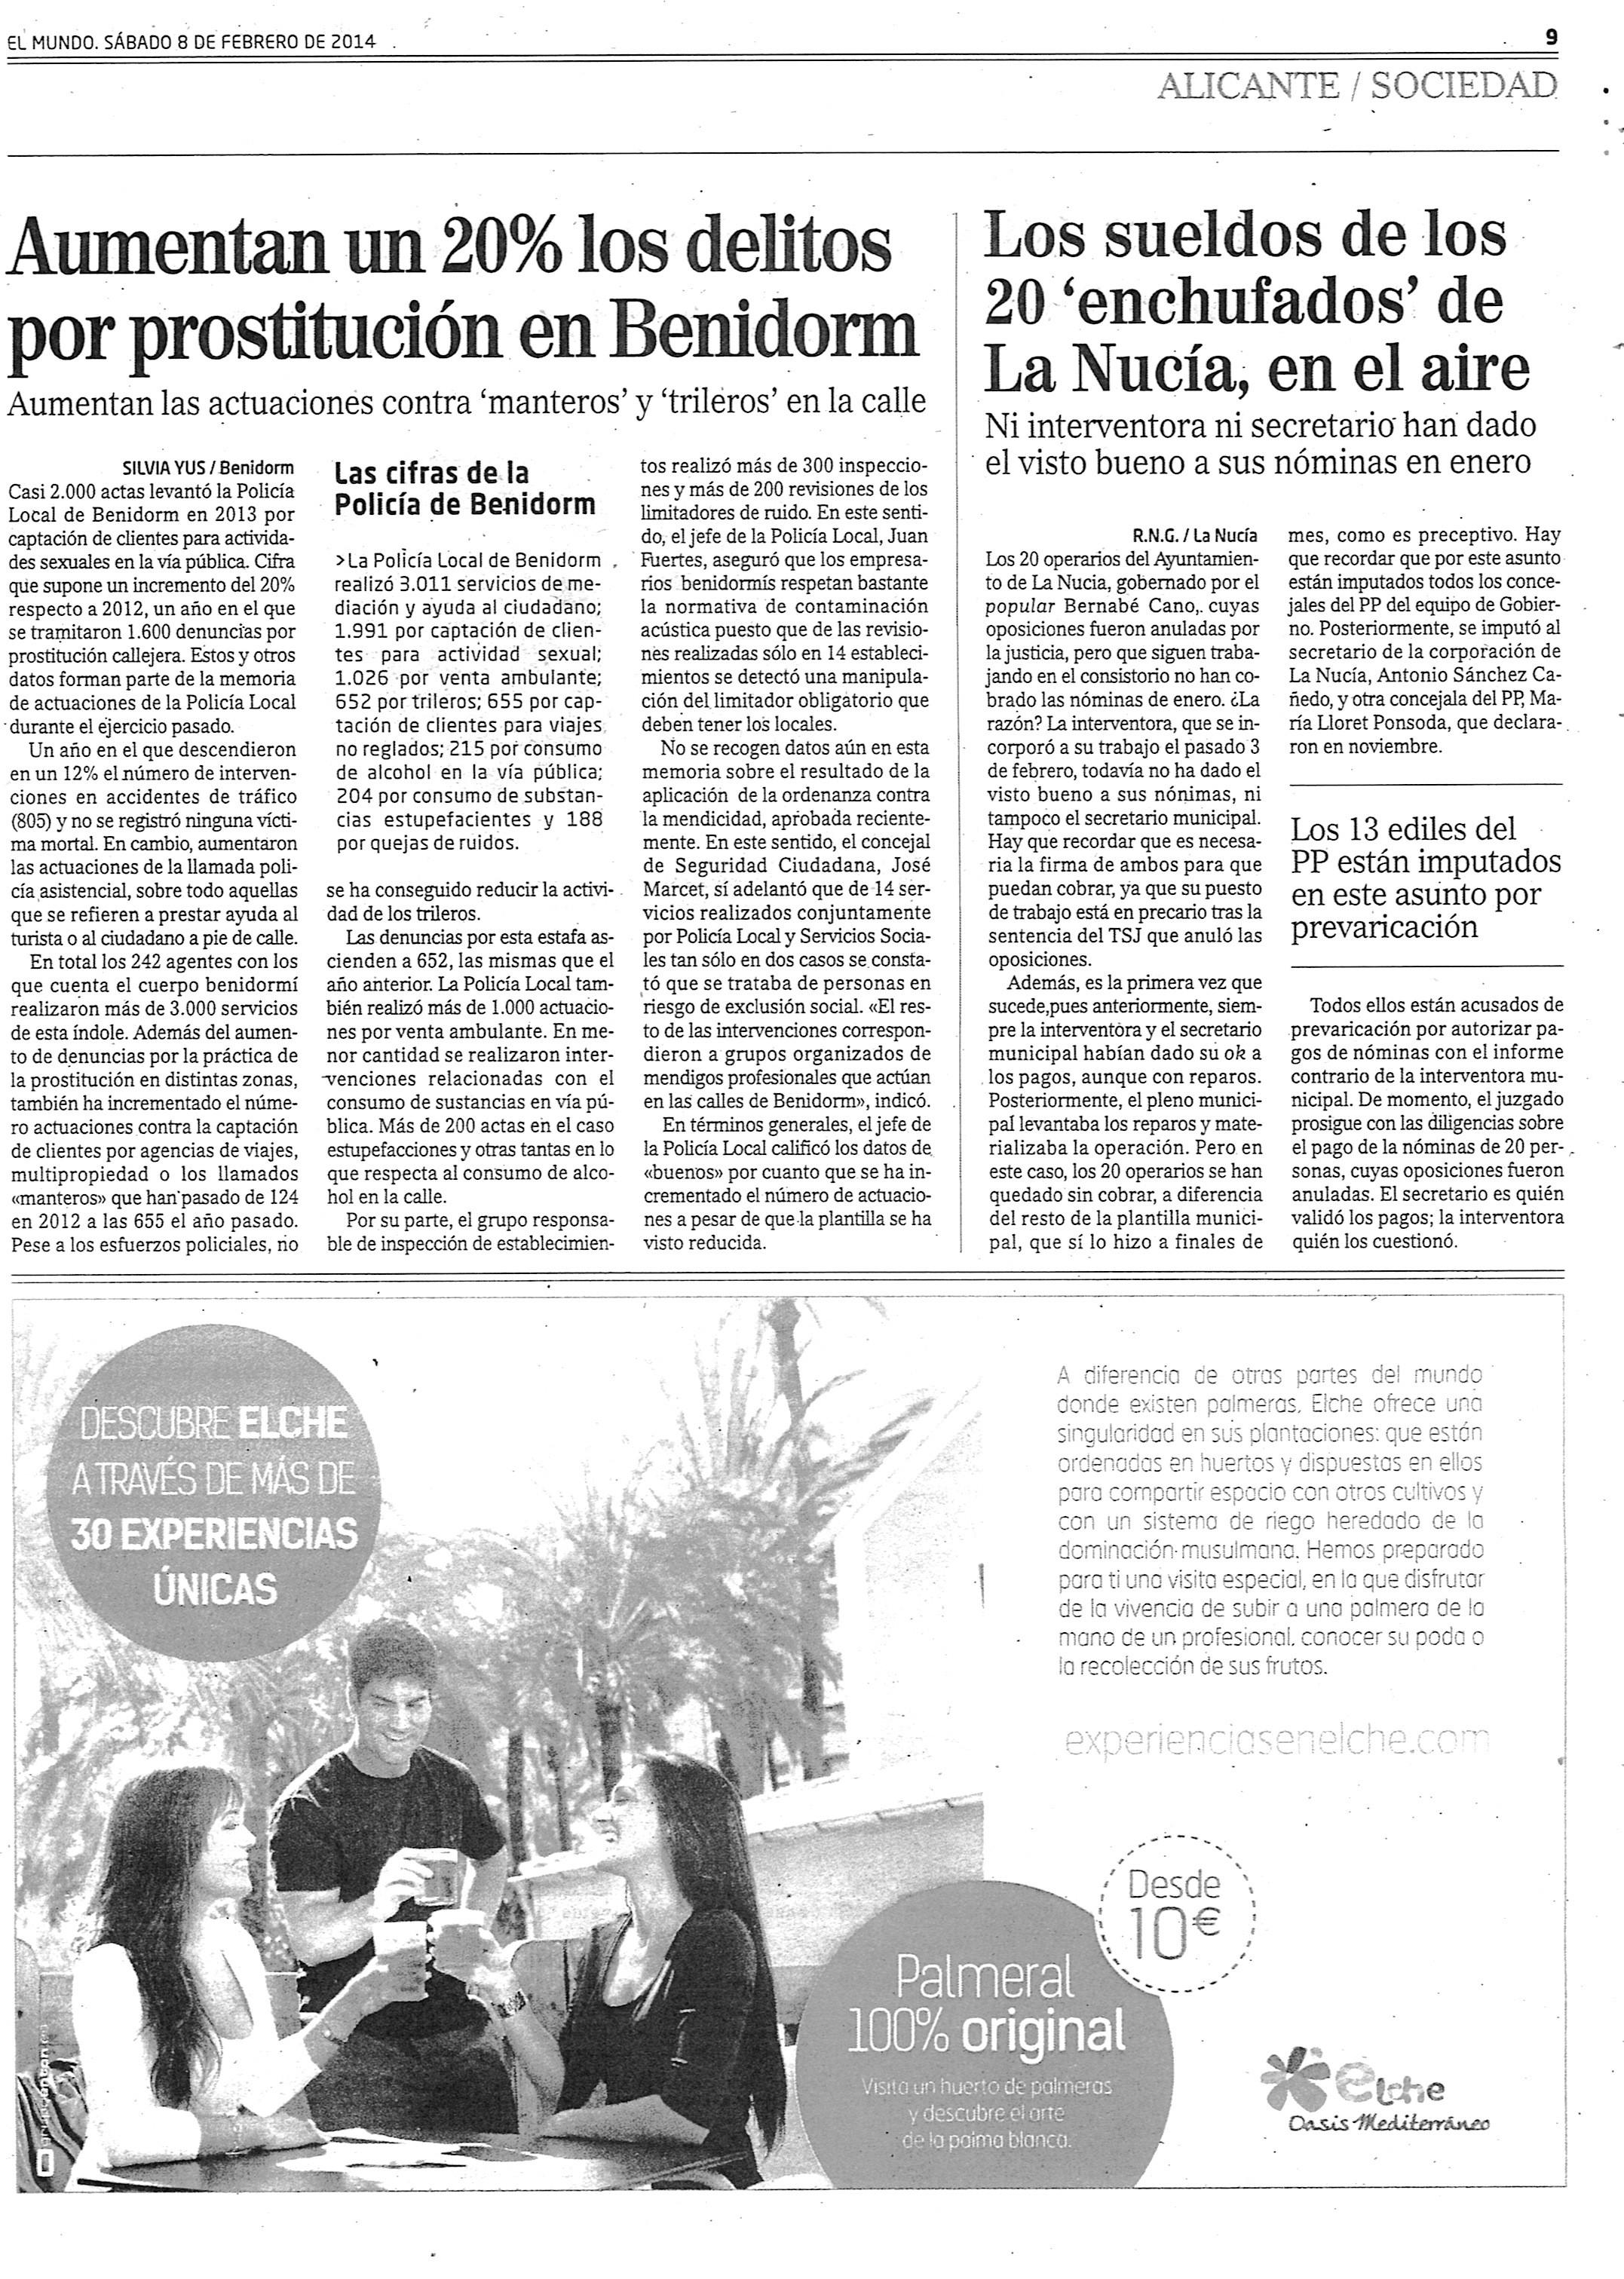 COMO SALIO EN EL MUNDO 8 FEBRERO 2014 J48l